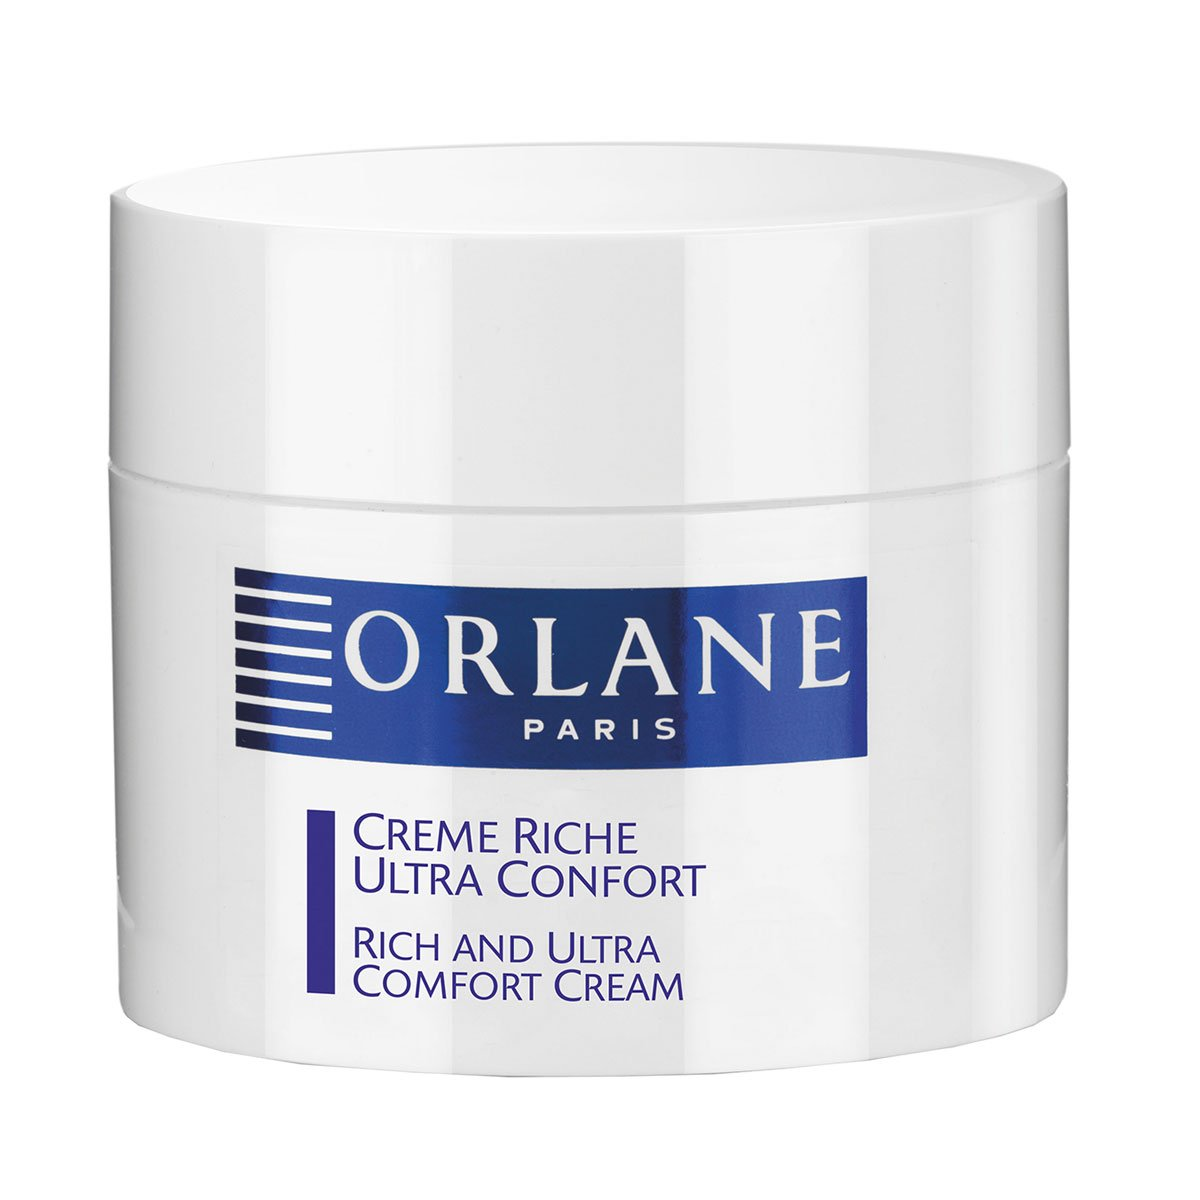 Crème Riche Ultra Confort - Orlane